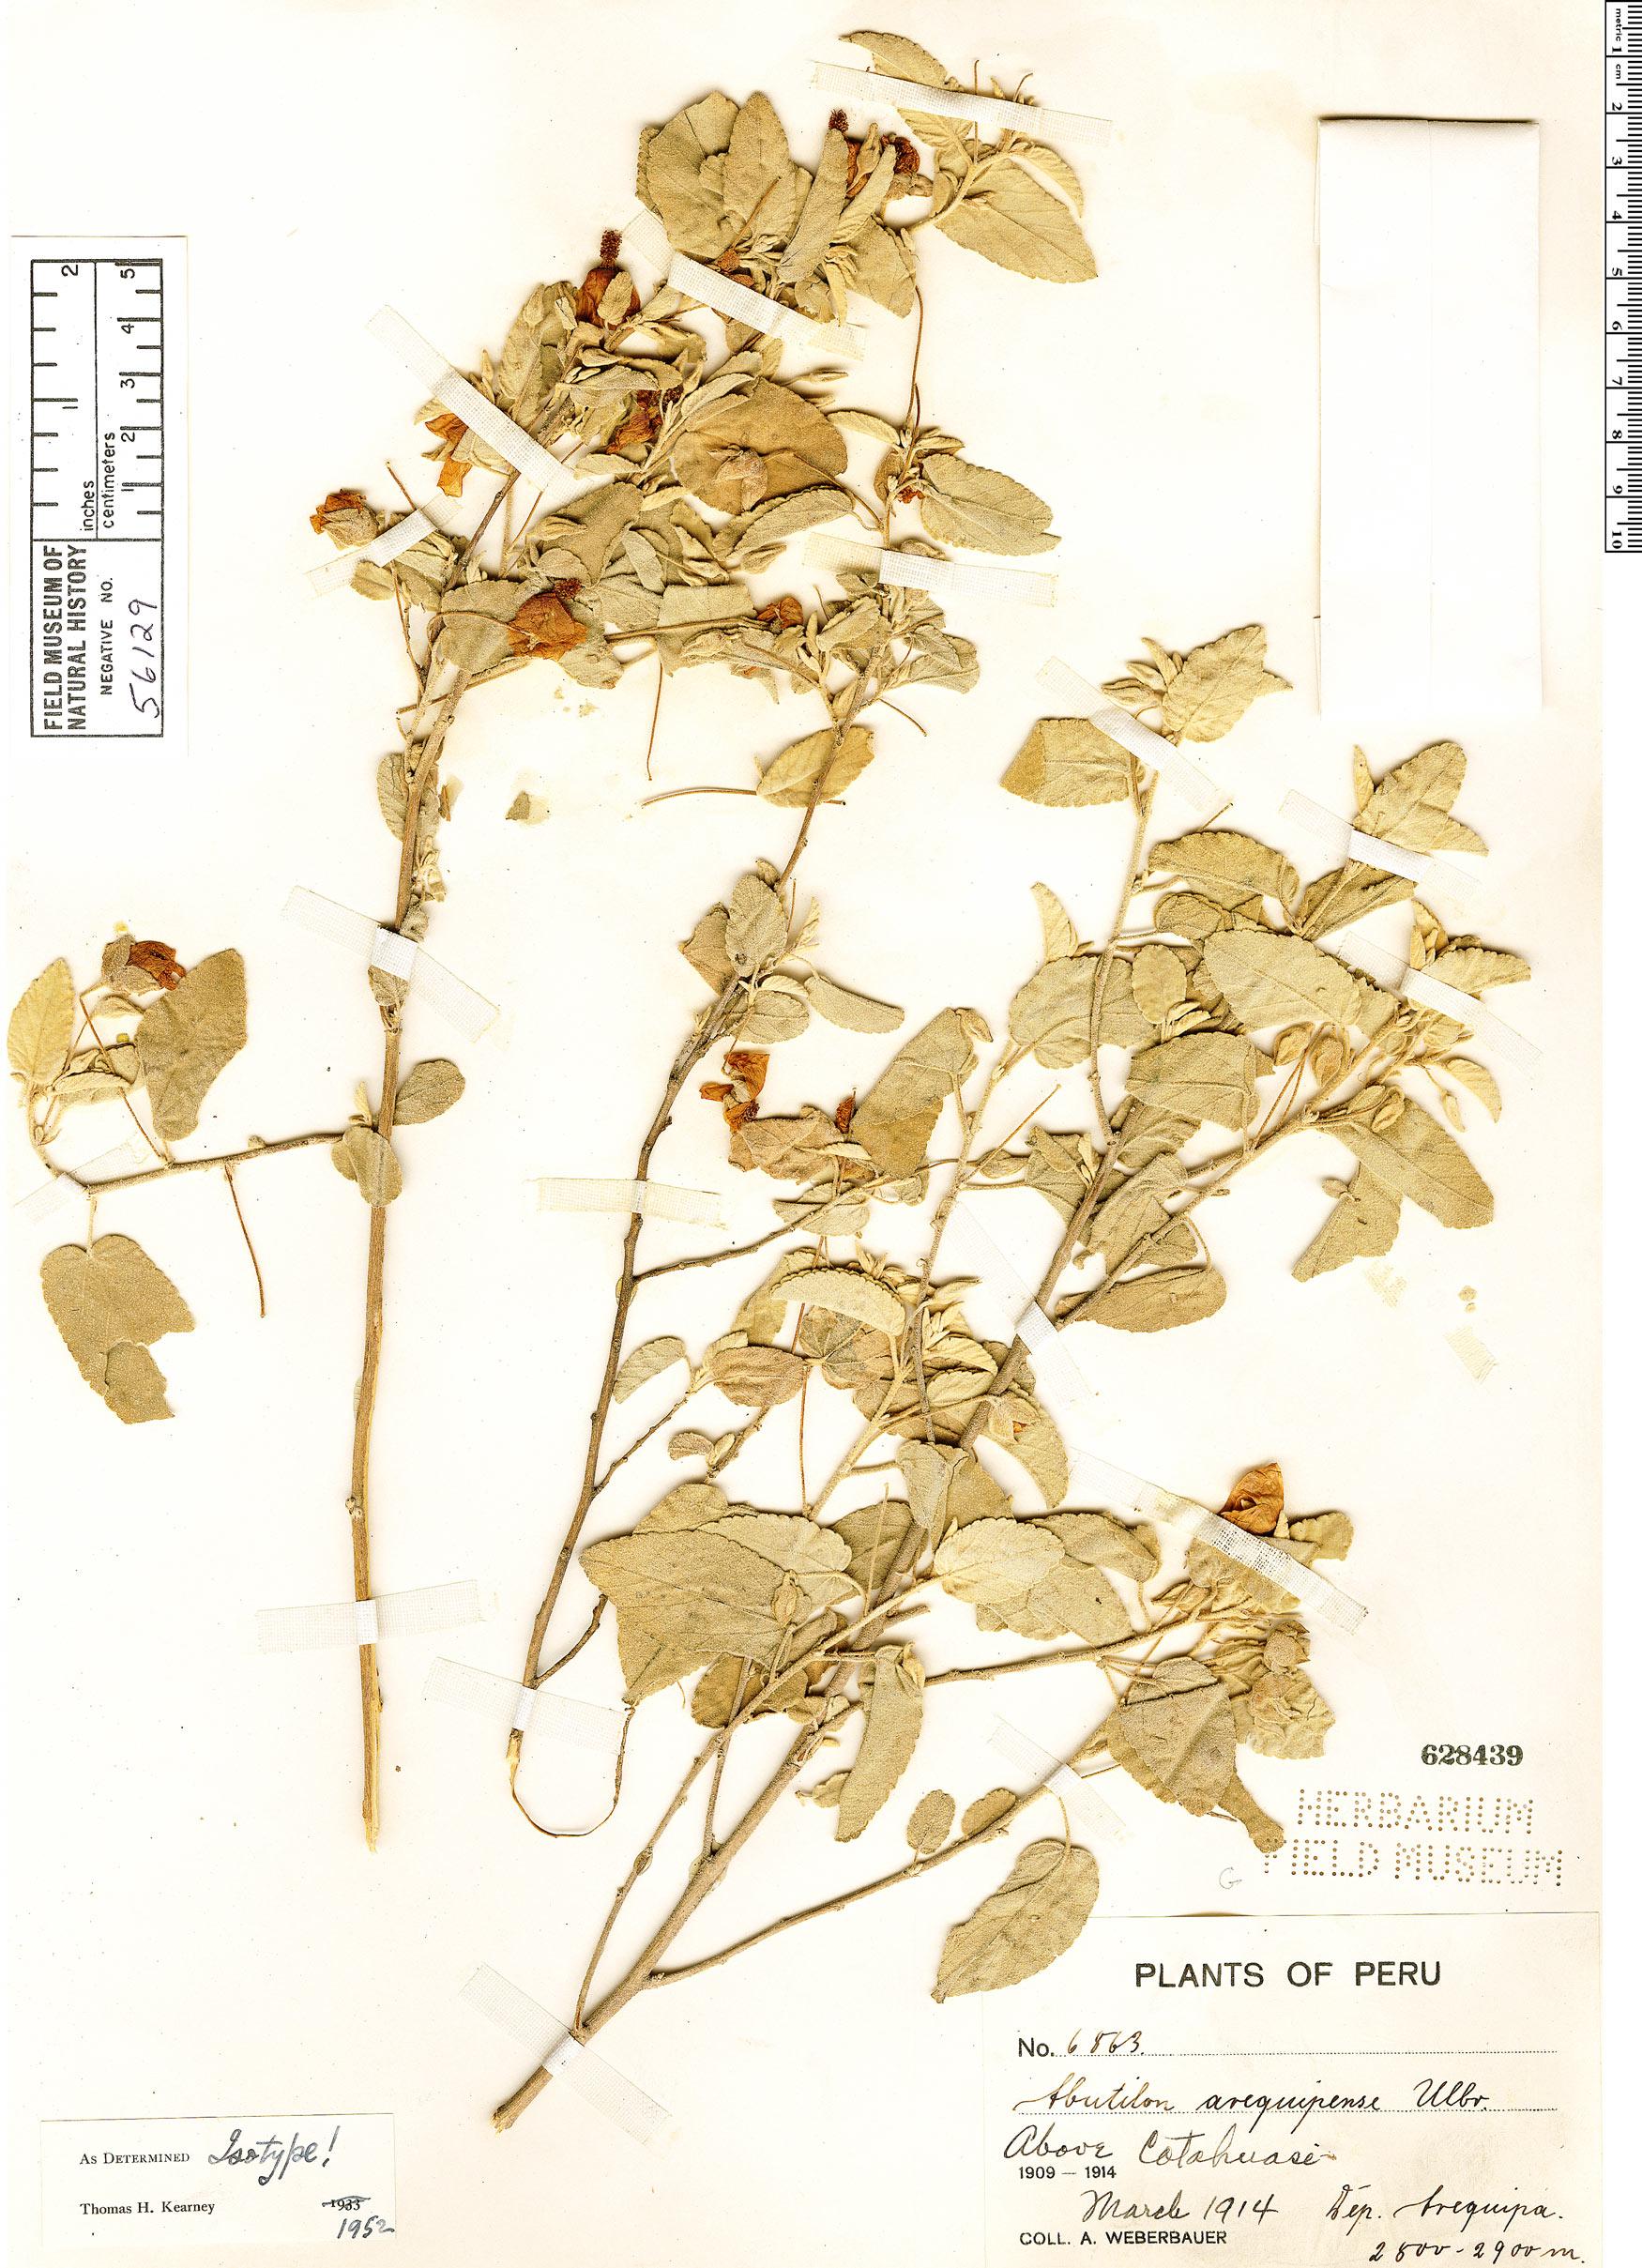 Specimen: Abutilon arequipense